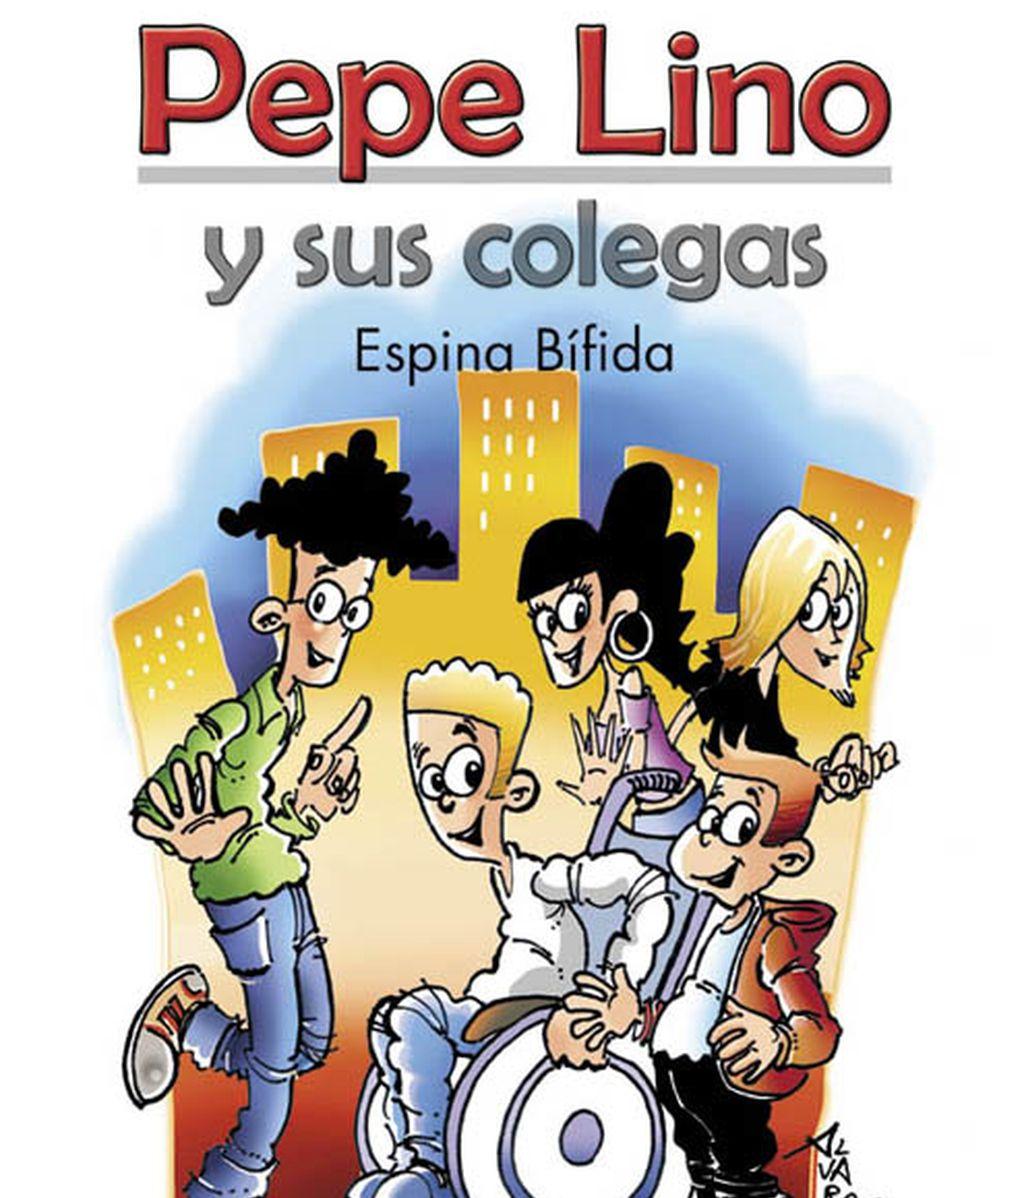 Pepe Lino